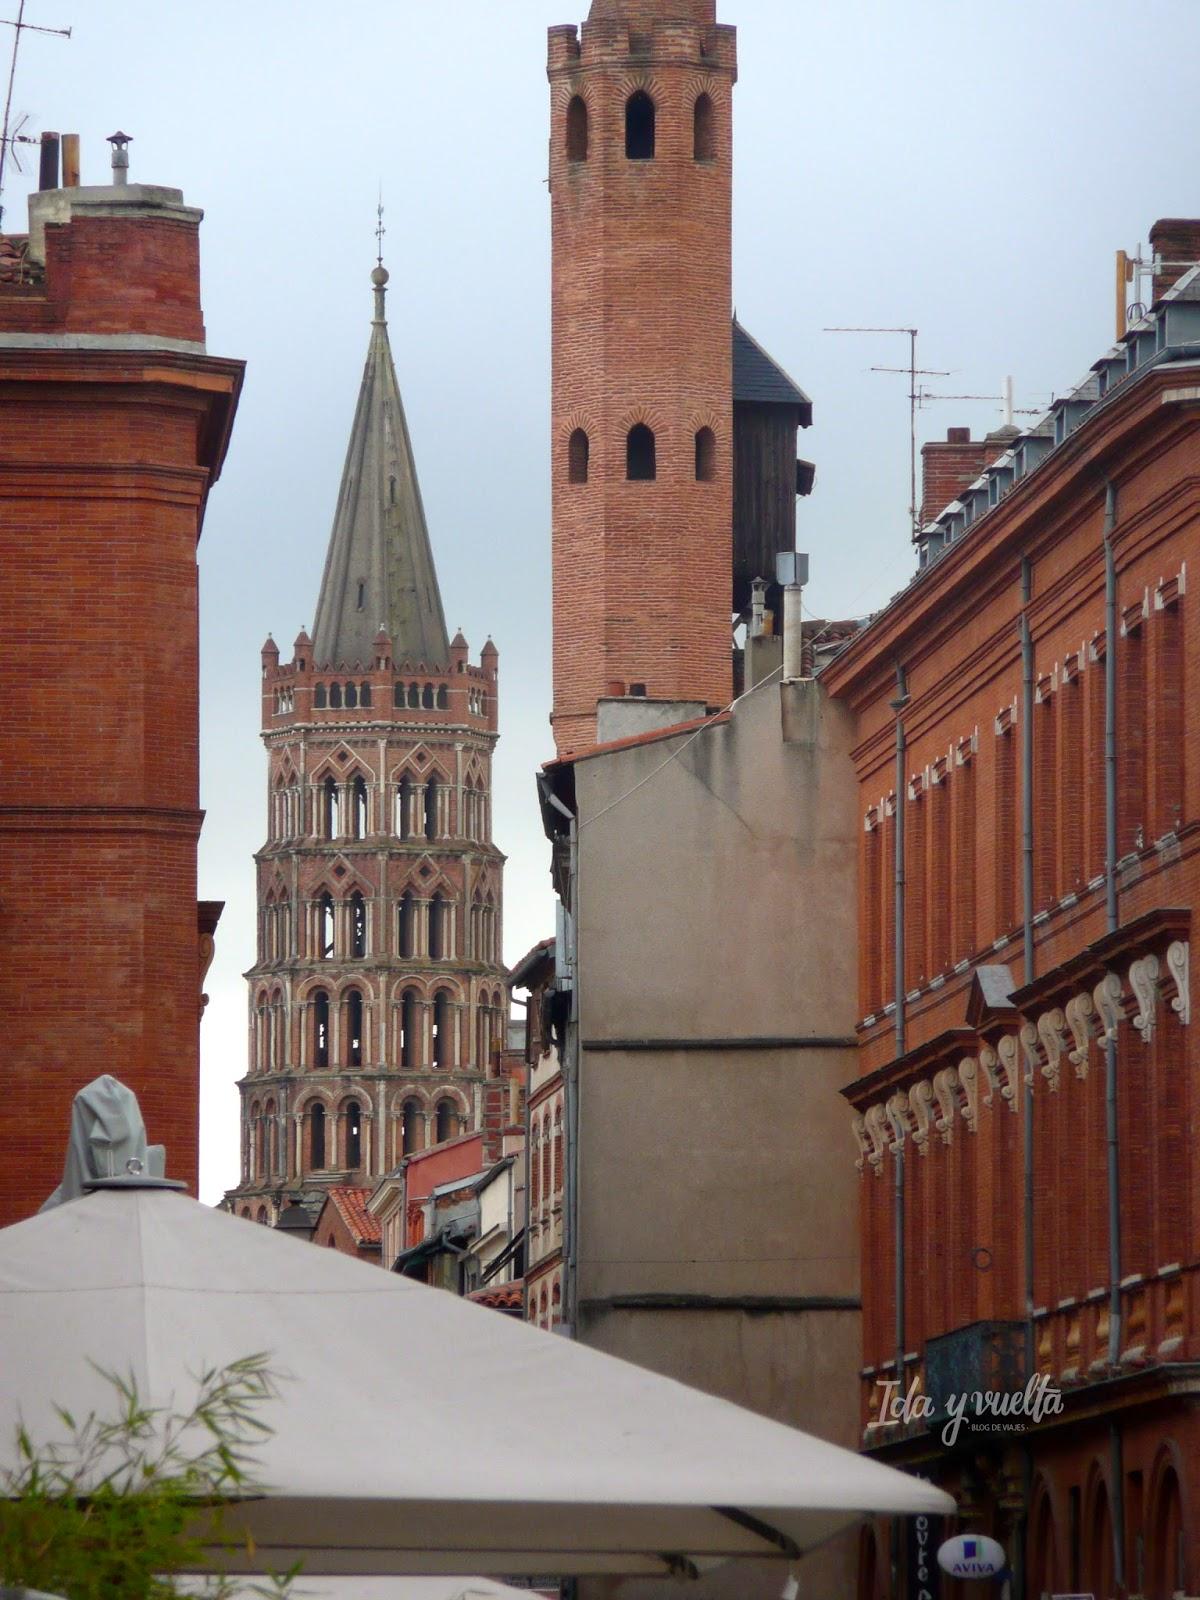 Edificios de ladrillo y St. Sernin al fondo